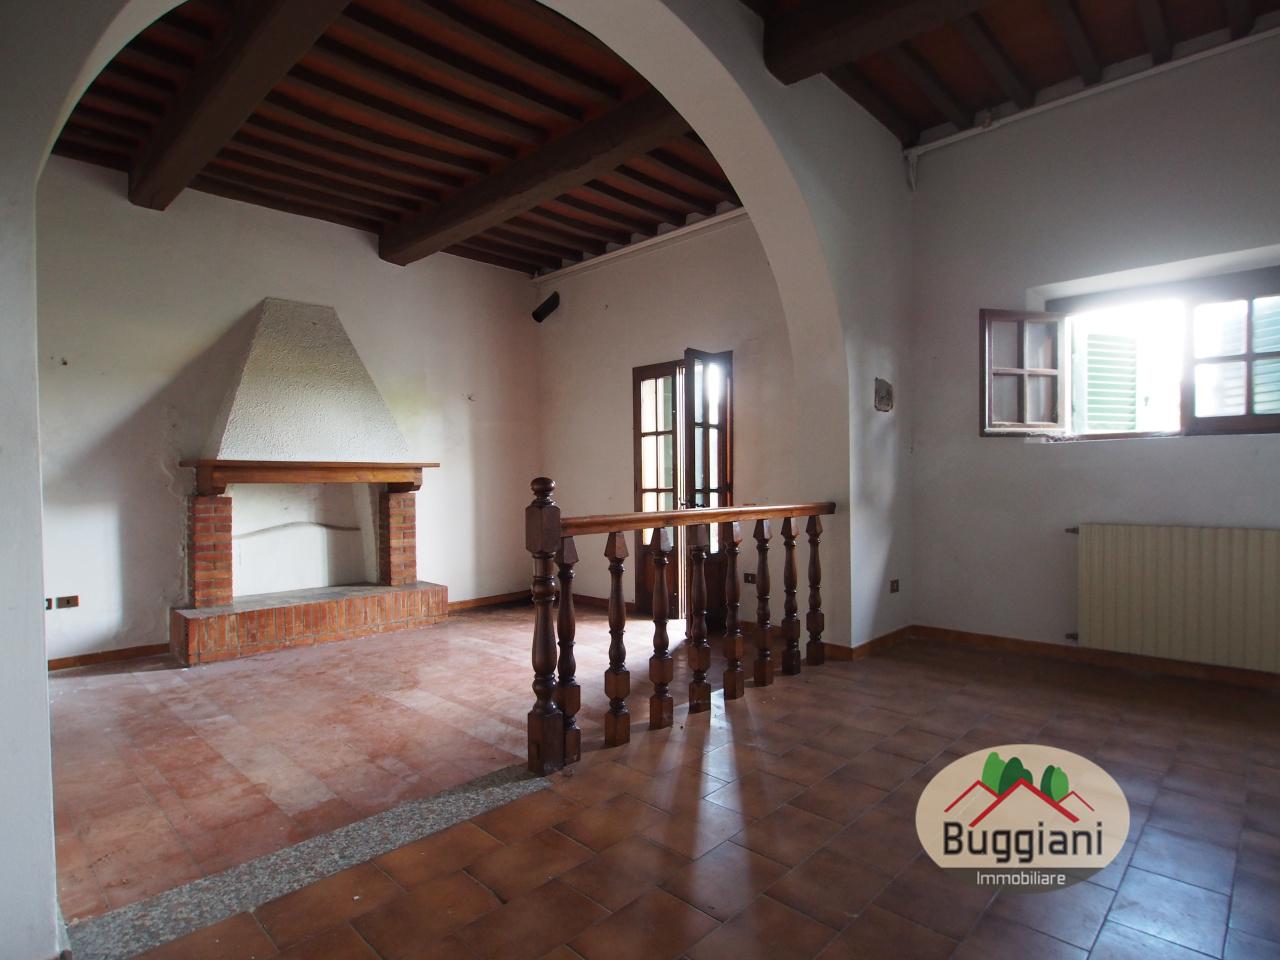 Bifamiliare in vendita RIF. 1980, San Miniato (PI)